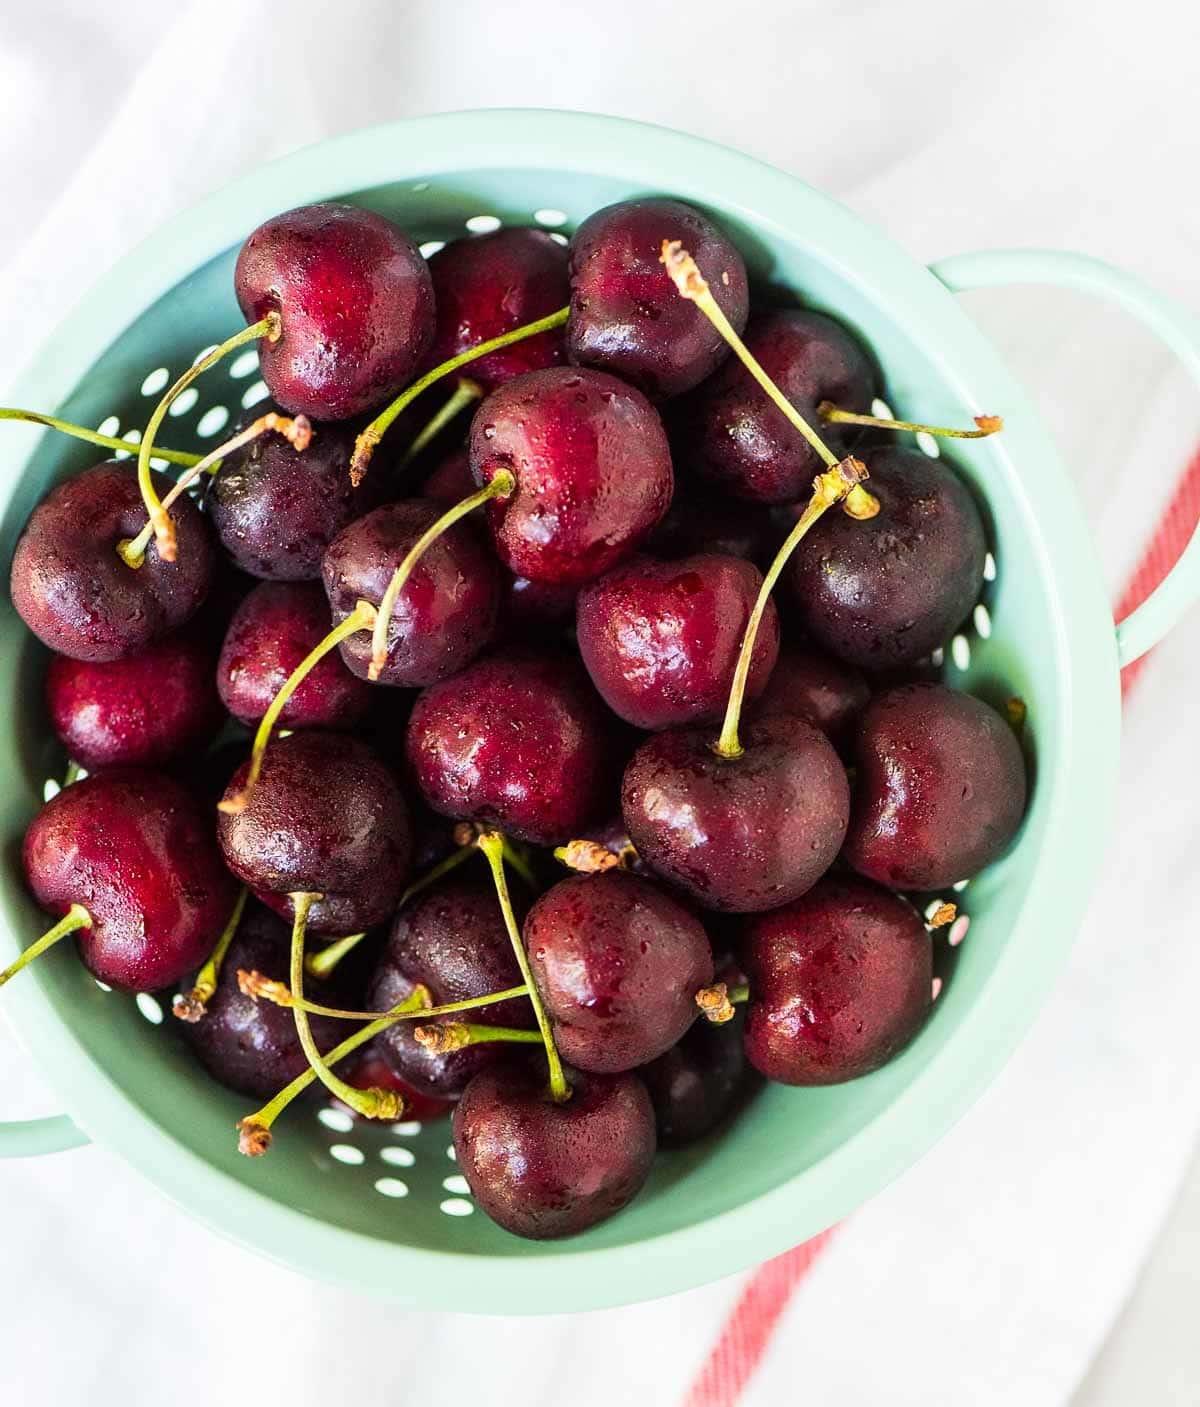 bowl of fresh sweet cherries for making homemade cherry pie filling